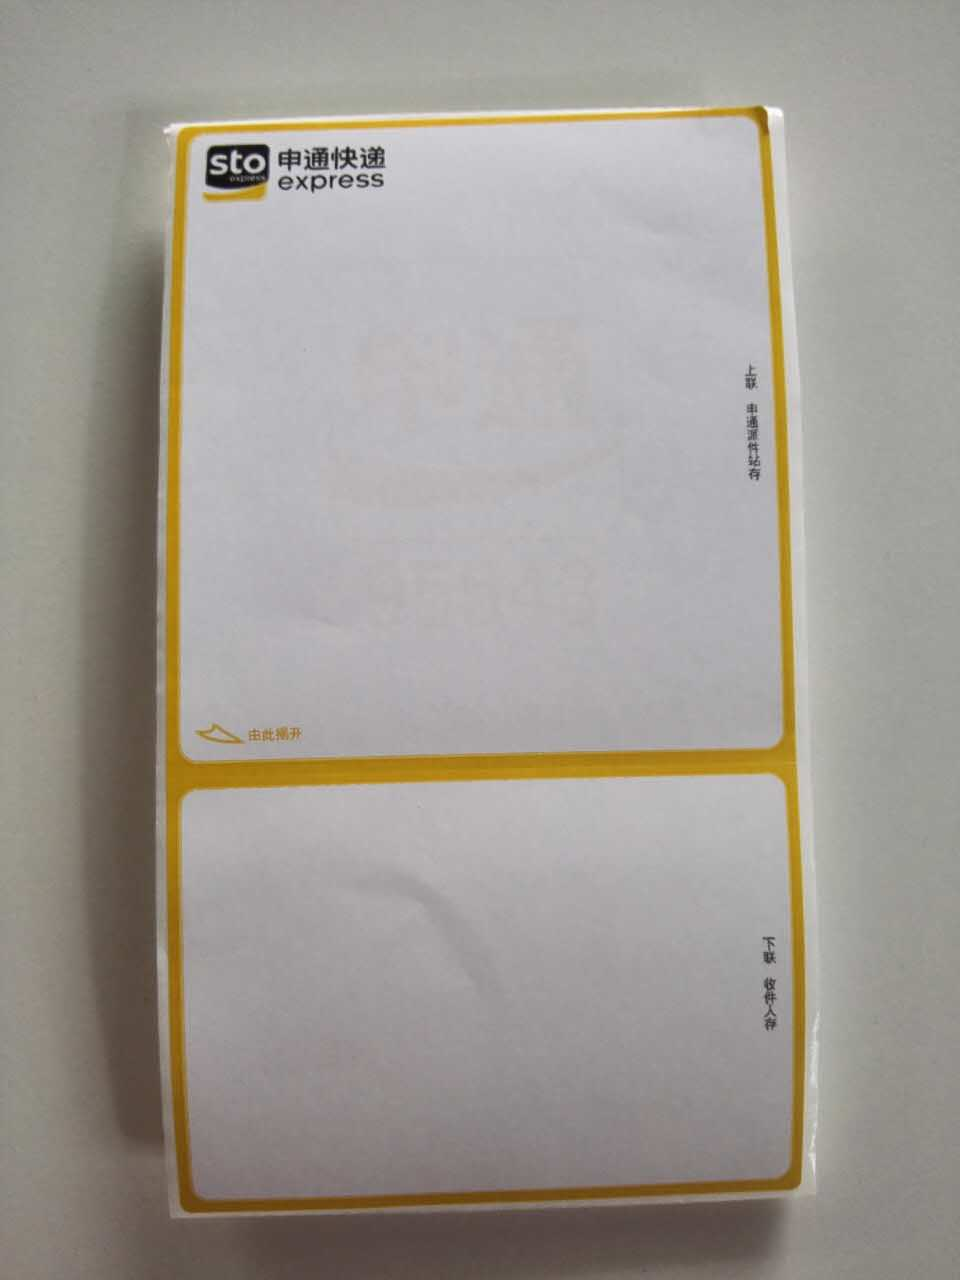 厂家定制双层铜版纸、双层热敏纸 多层标签贴纸